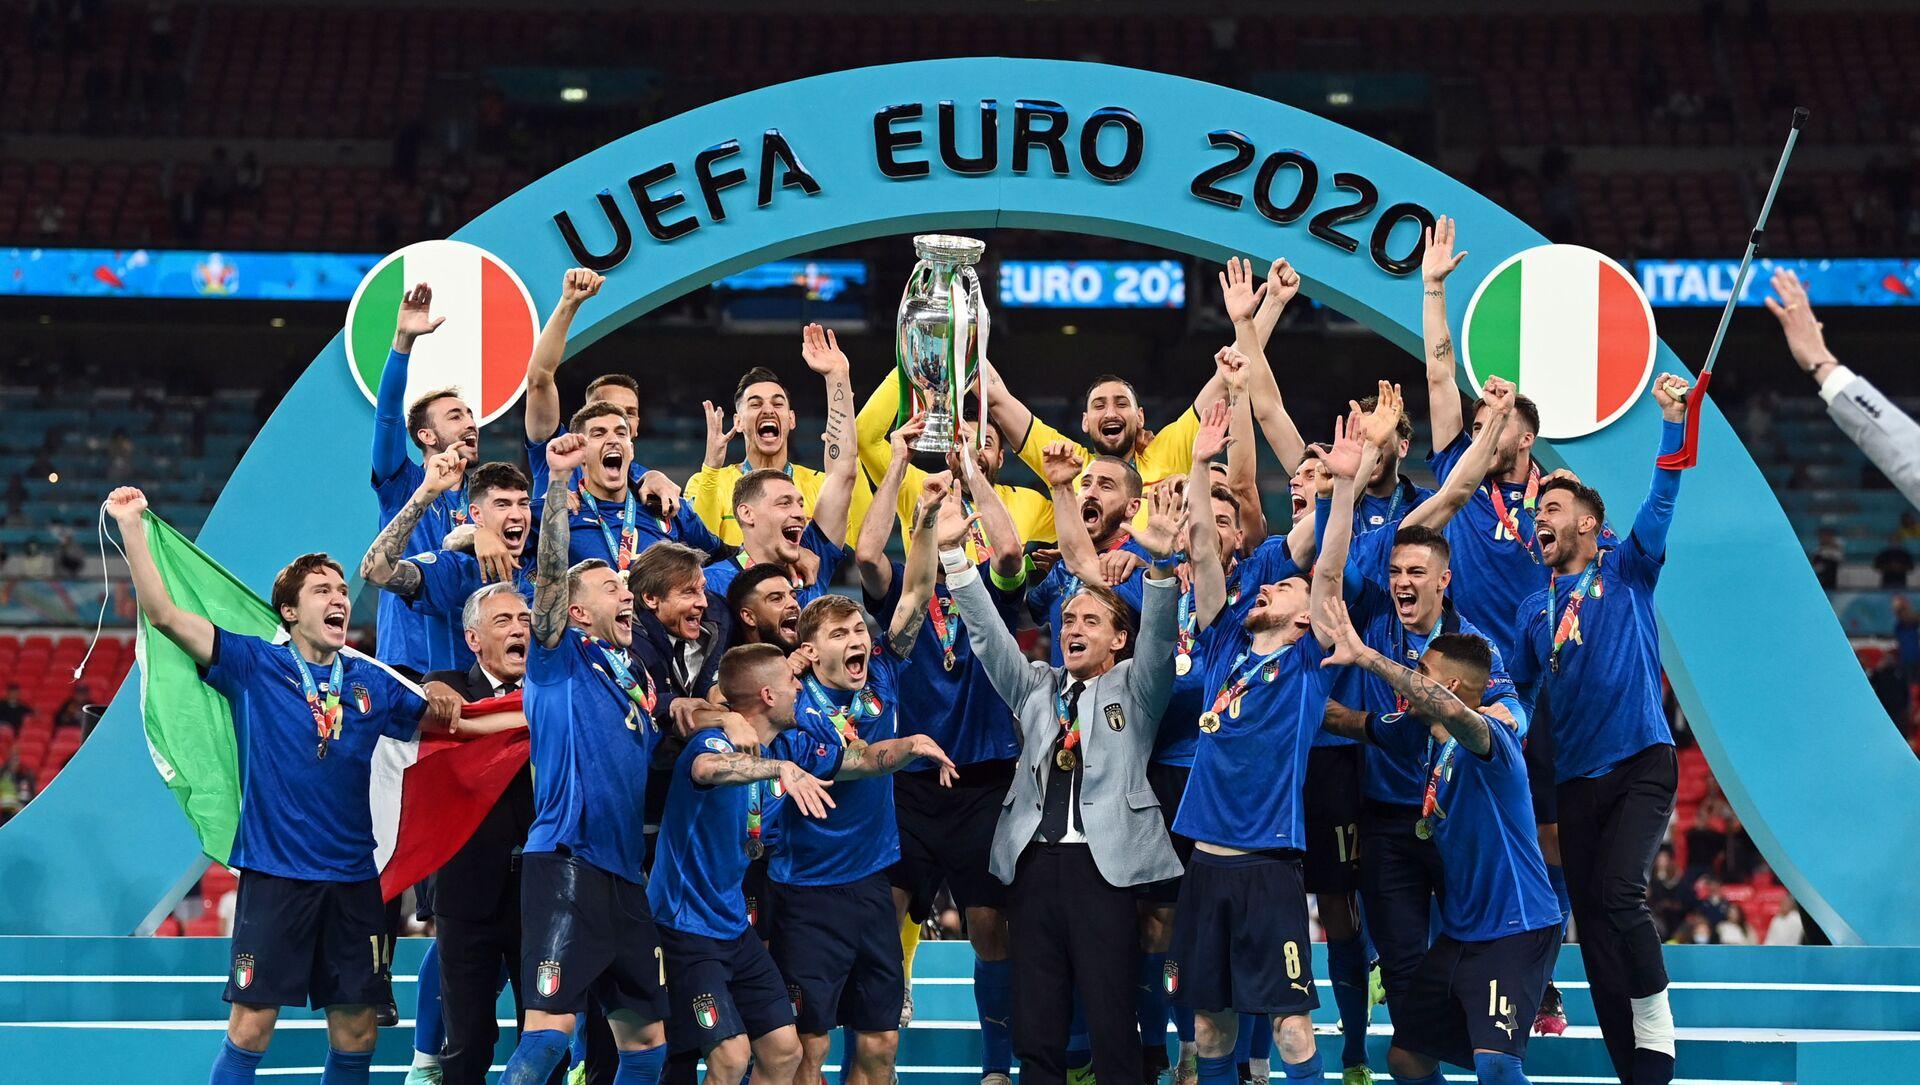 Футболисты сборной Италии радуются победе в финале ЕВРО-2020 - Sputnik Азербайджан, 1920, 12.07.2021